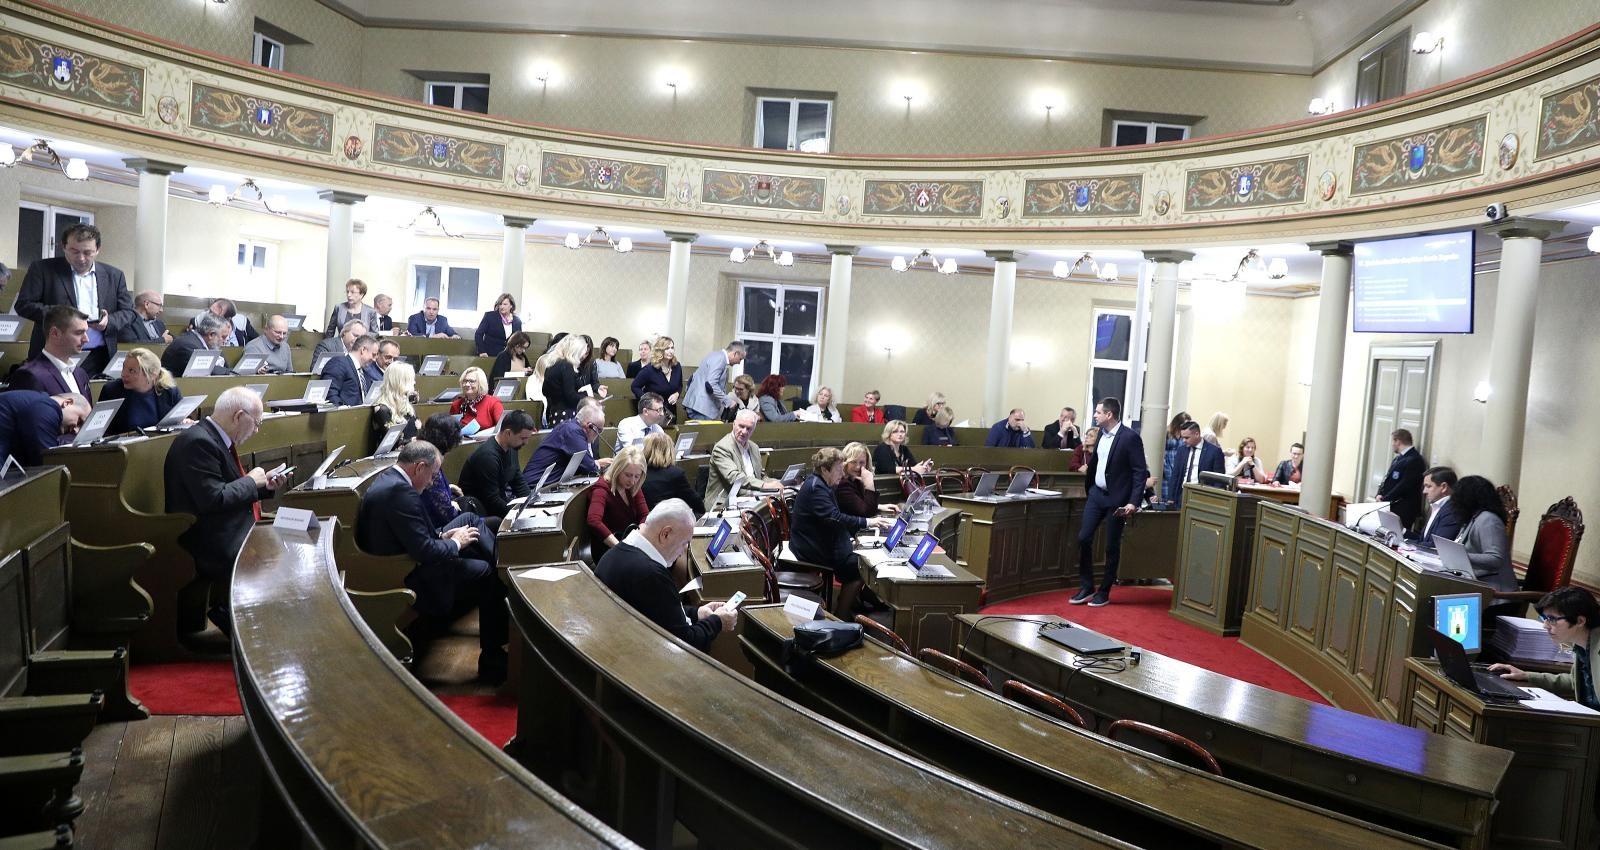 Zagrebačka Gradska skupština odlučuje hoće li prihvatiti proračun za 2019.